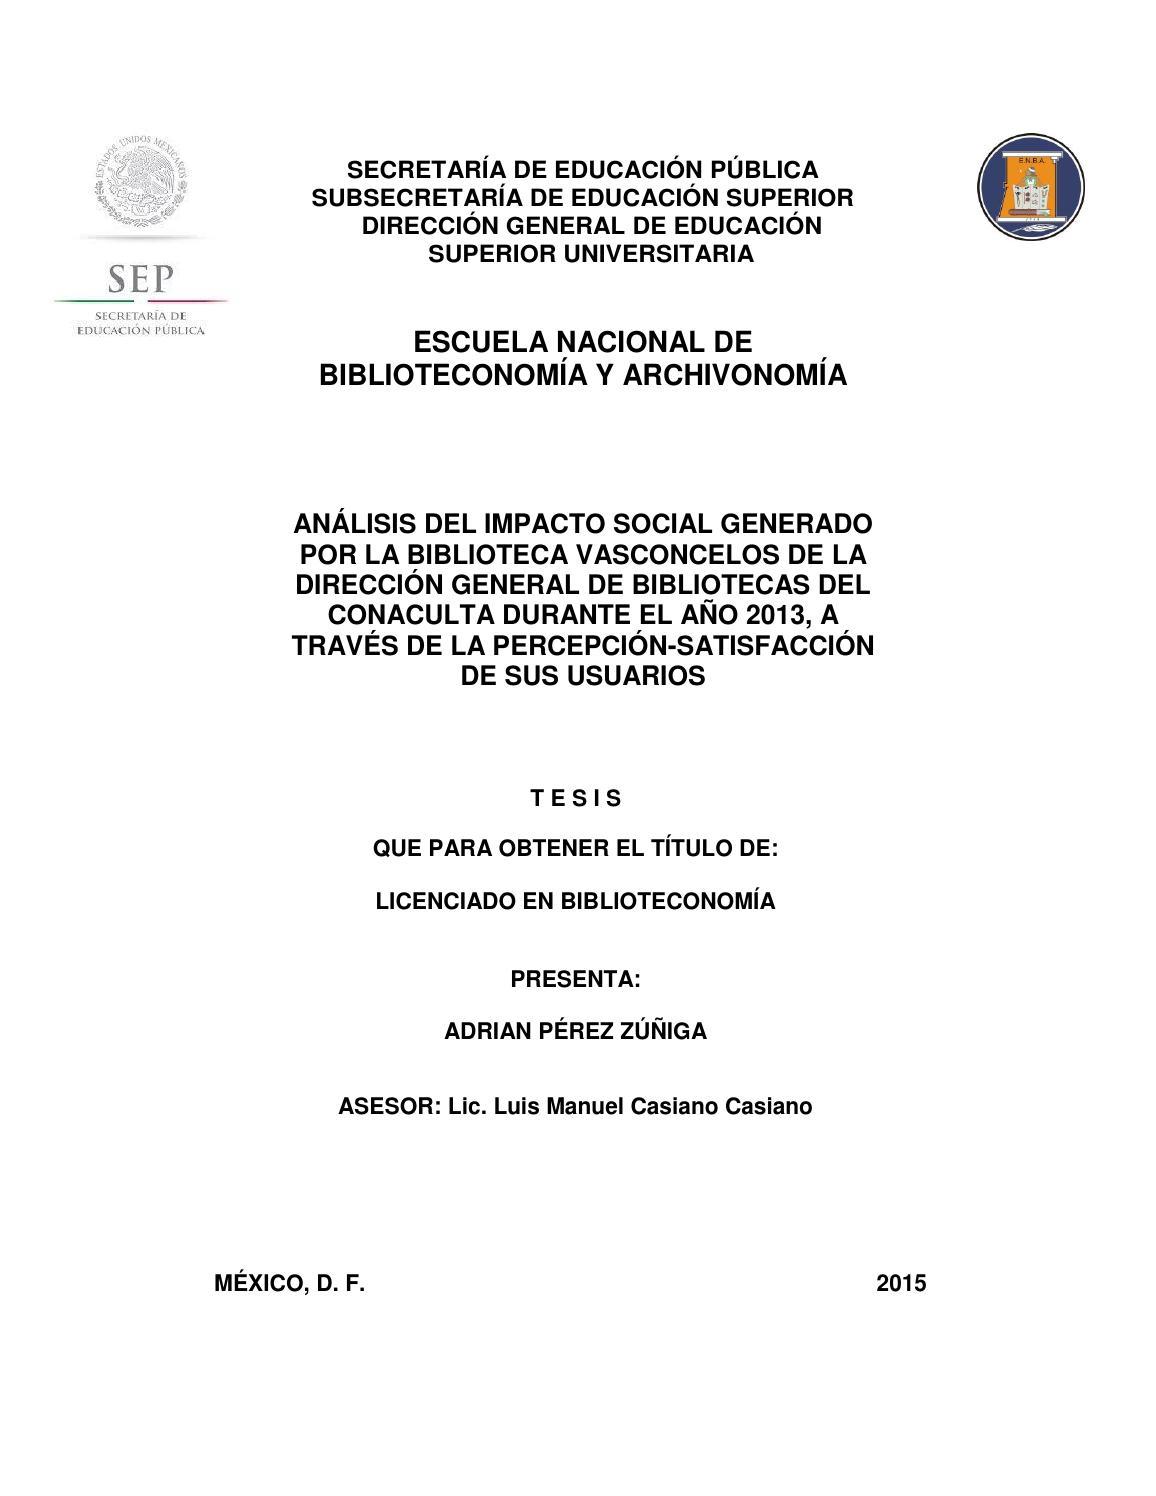 Análisis del impacto social generado por la Biblioteca Vasconcelos ...